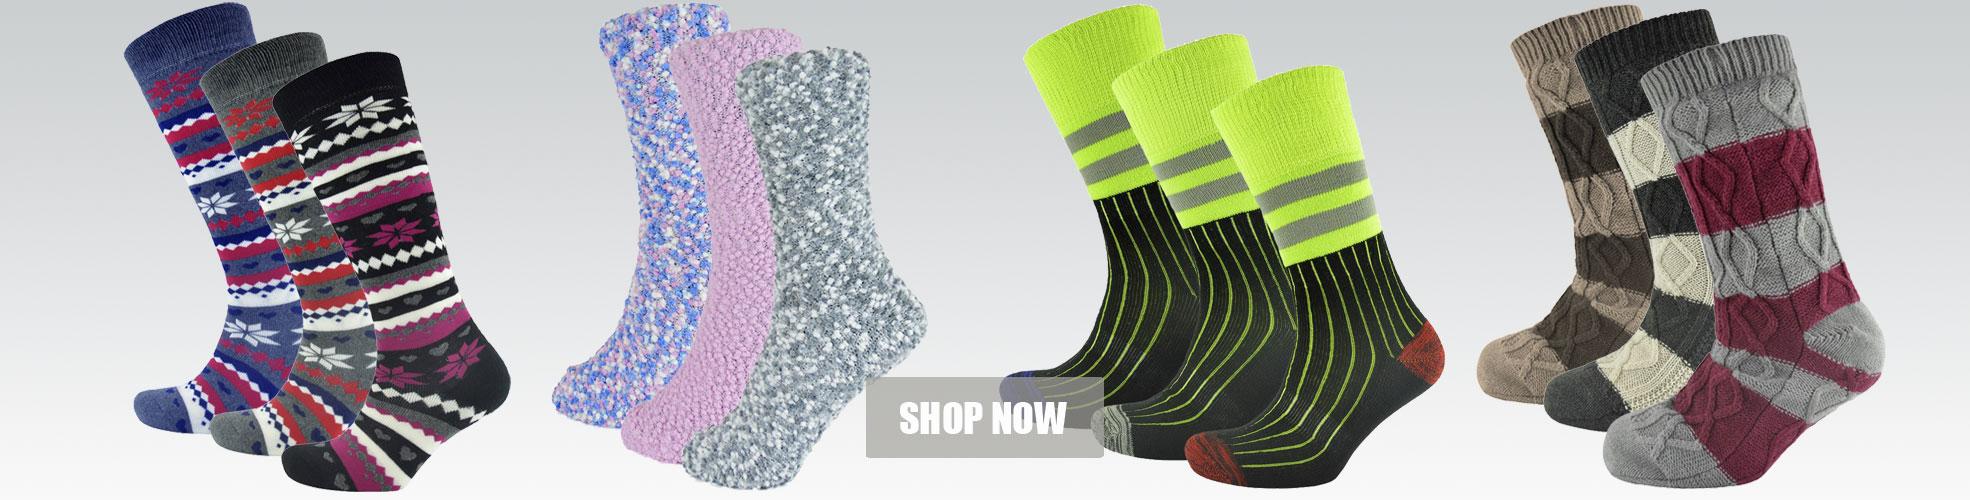 Wholesale Winter Socks Slipper